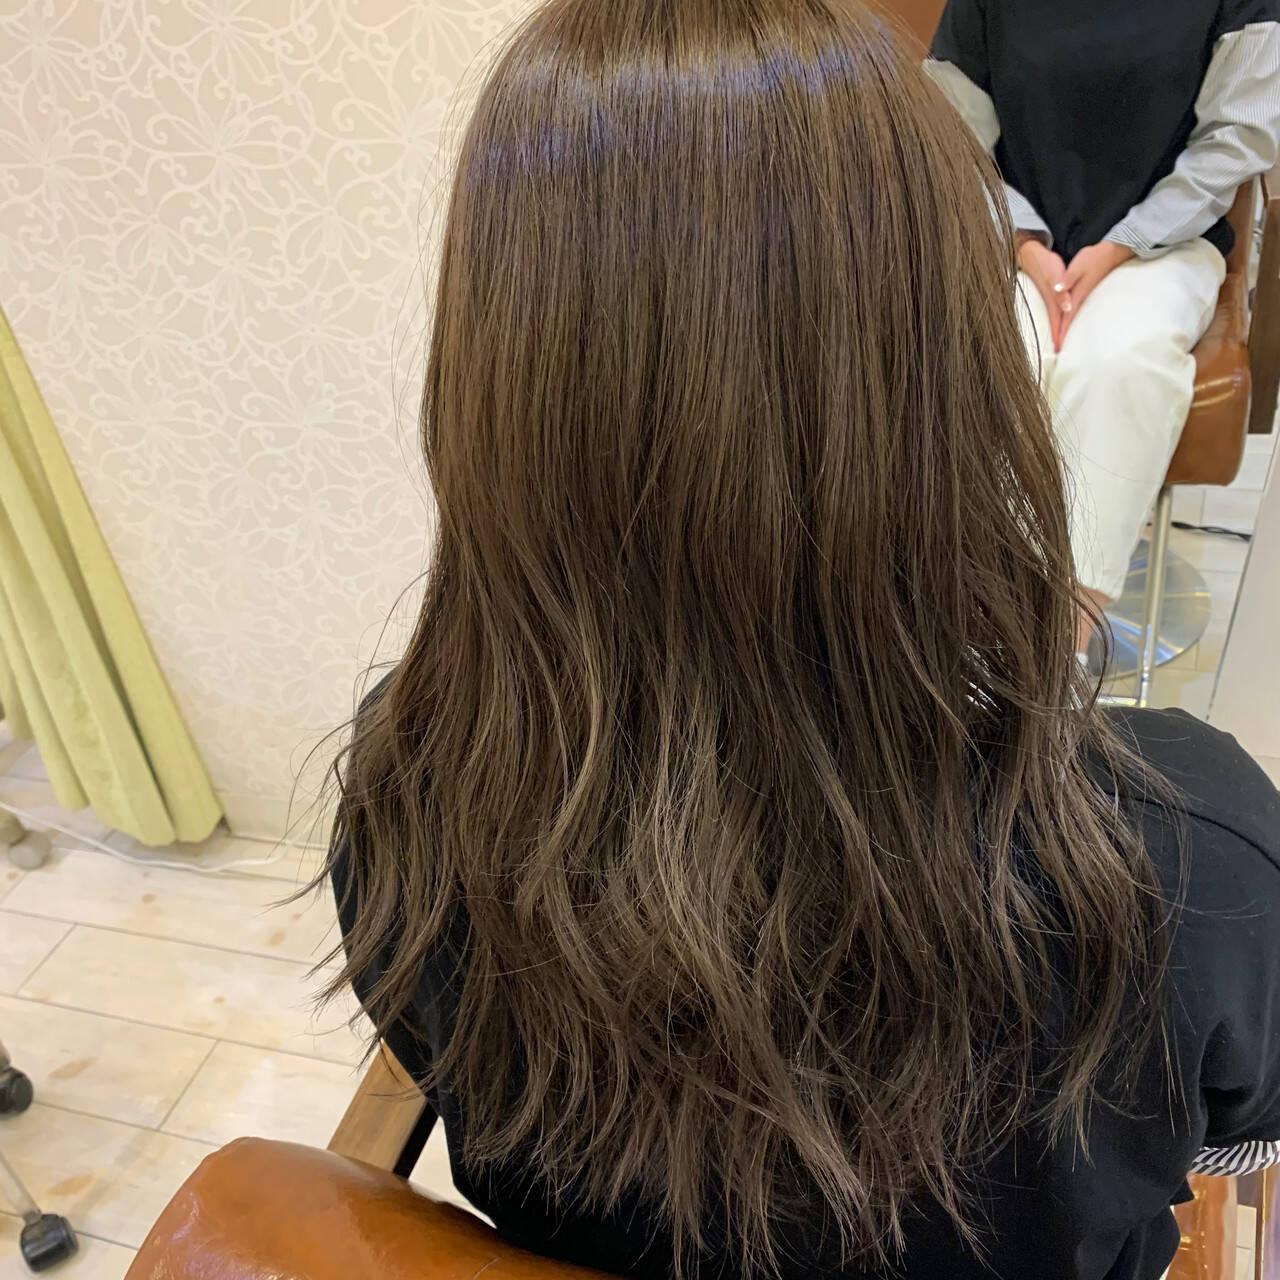 オリーブベージュ フェミニン オリーブアッシュ セミロングヘアスタイルや髪型の写真・画像